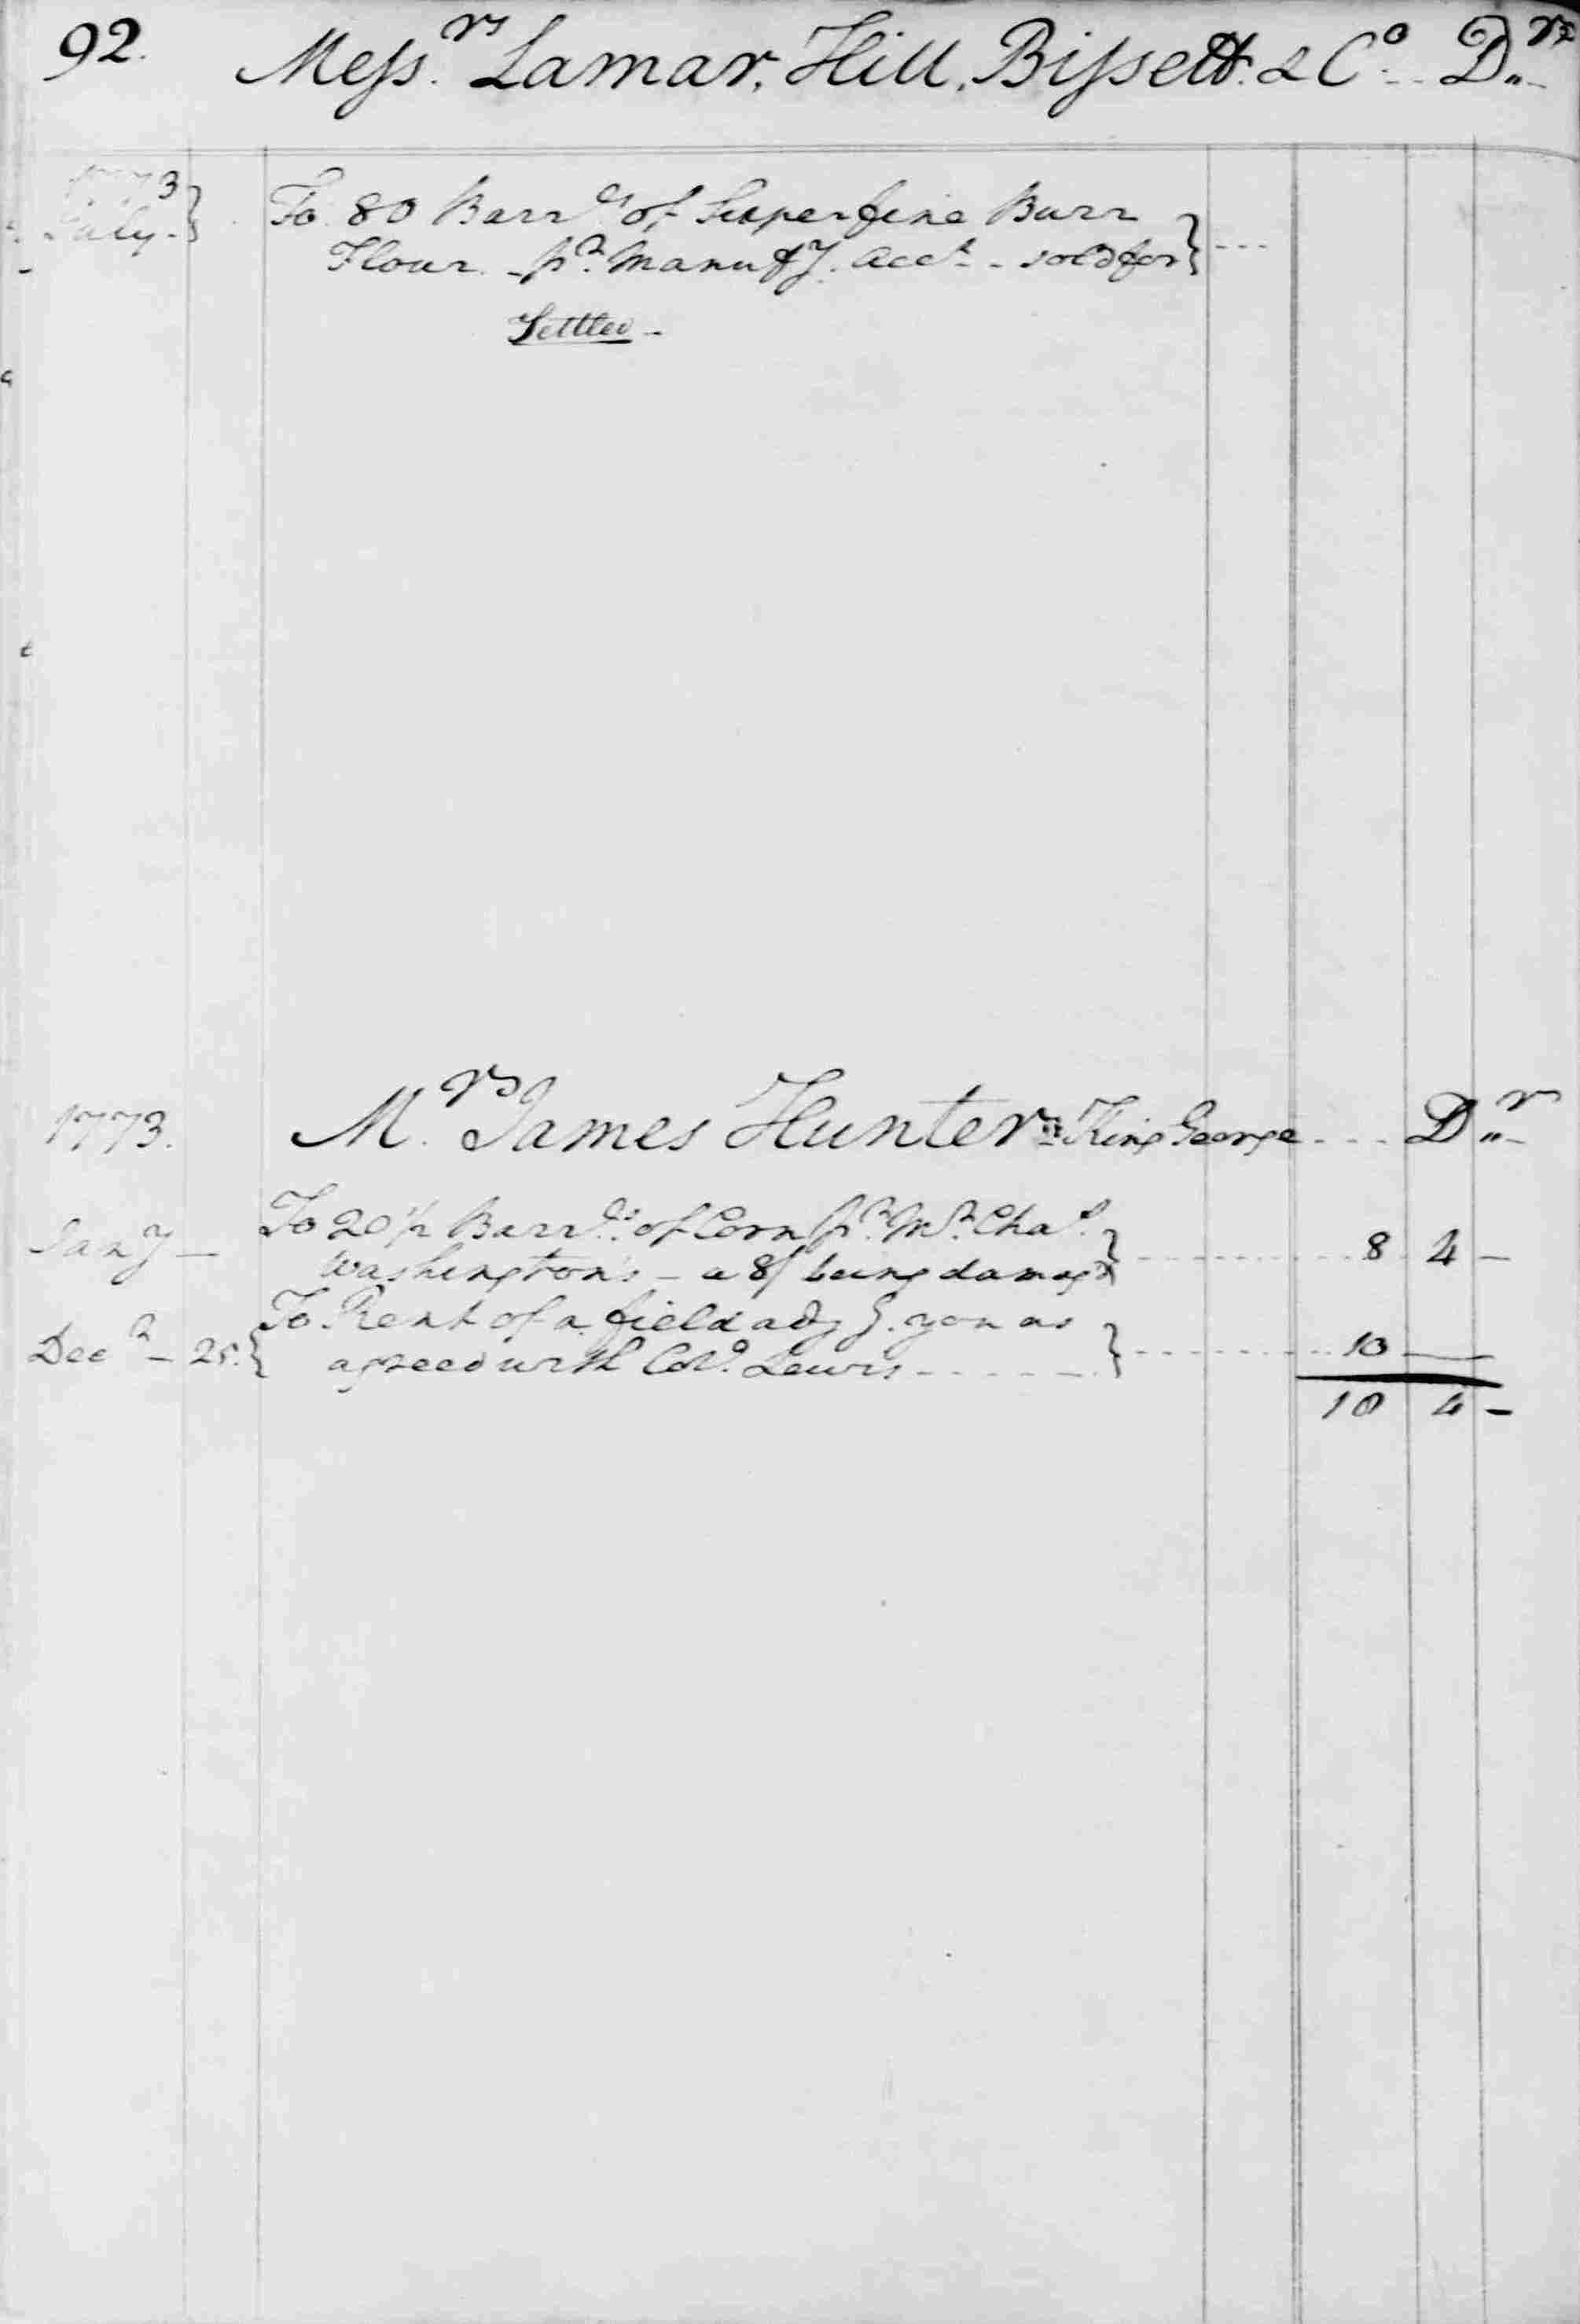 Ledger B, folio 92, left side